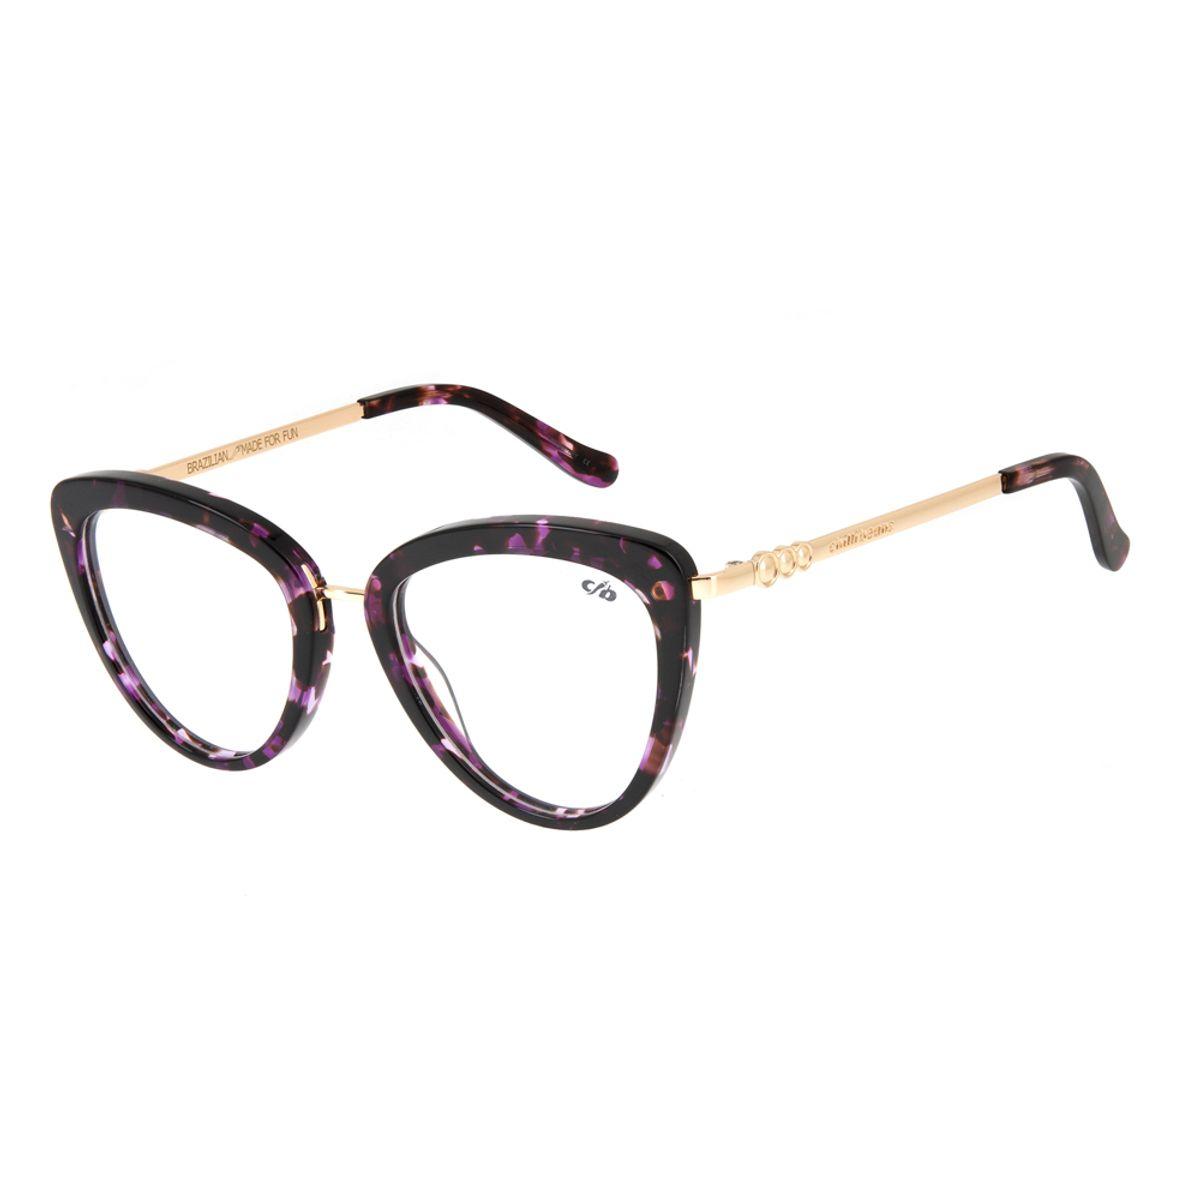 d76e8a64e Armação para Óculos de Grau Feminino Chilli Beans Acetato Cat ...